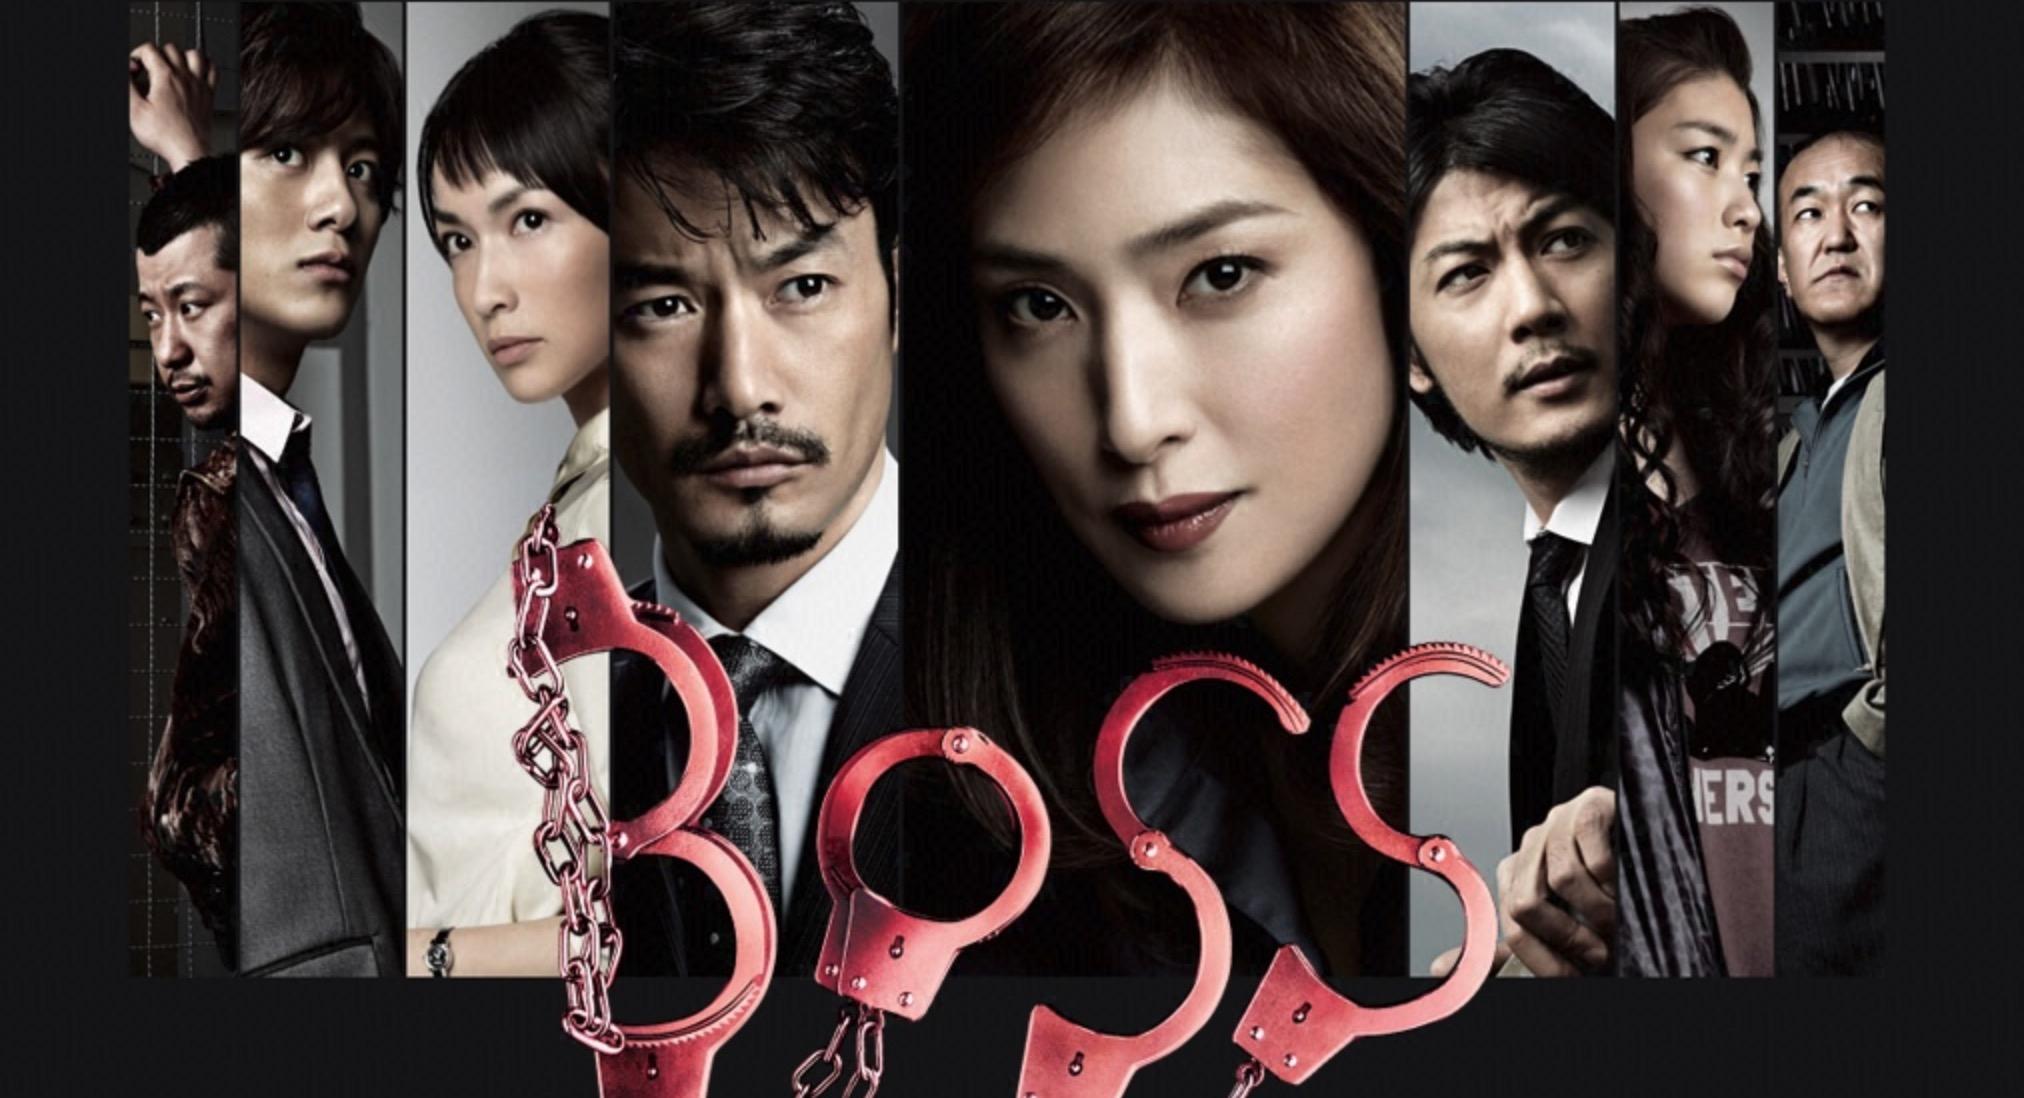 BOSS 第2シリーズ